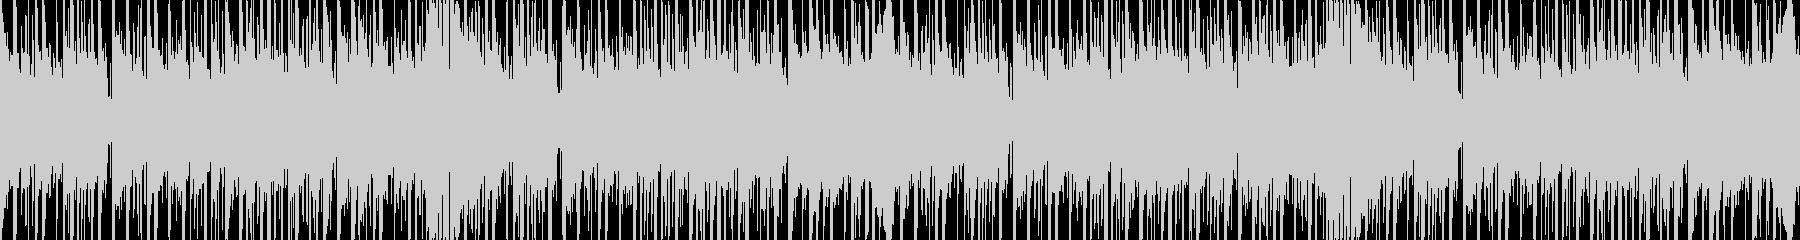 テクノポップなイメージのループ仕様BGMの未再生の波形